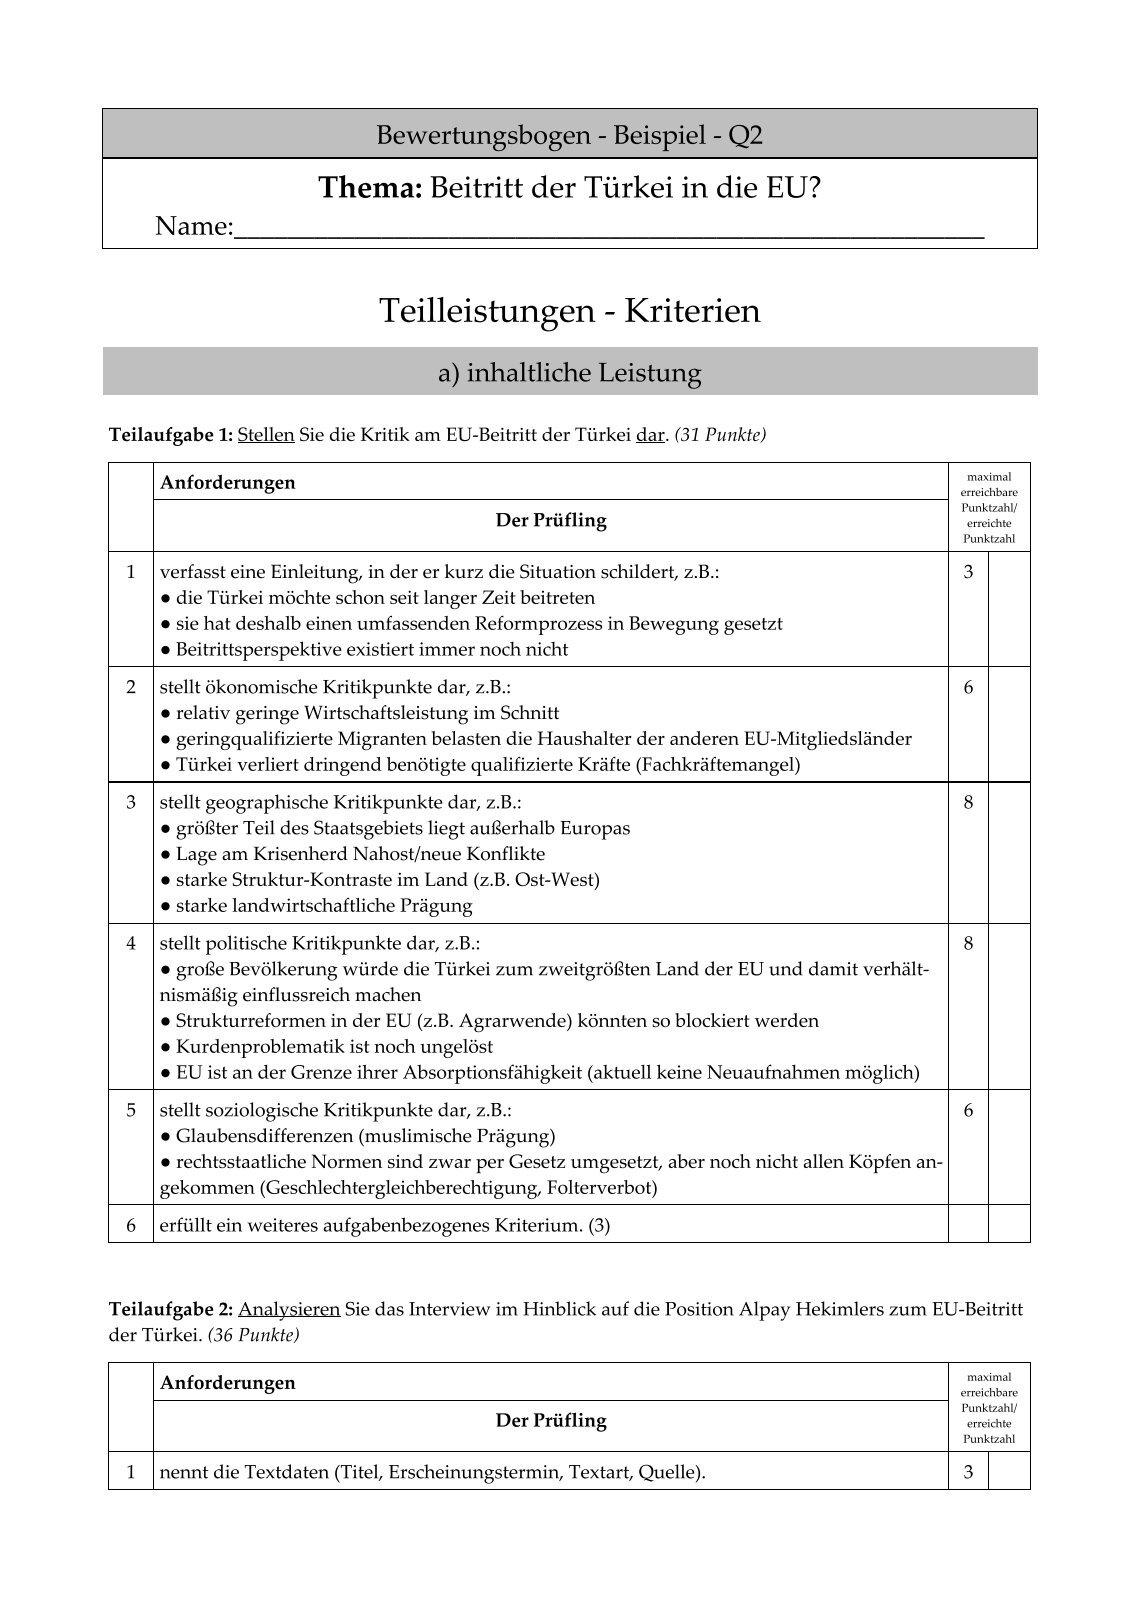 Ziemlich Bewertungsbogen Zeitgenössisch - FORTSETZUNG ARBEITSBLATT ...